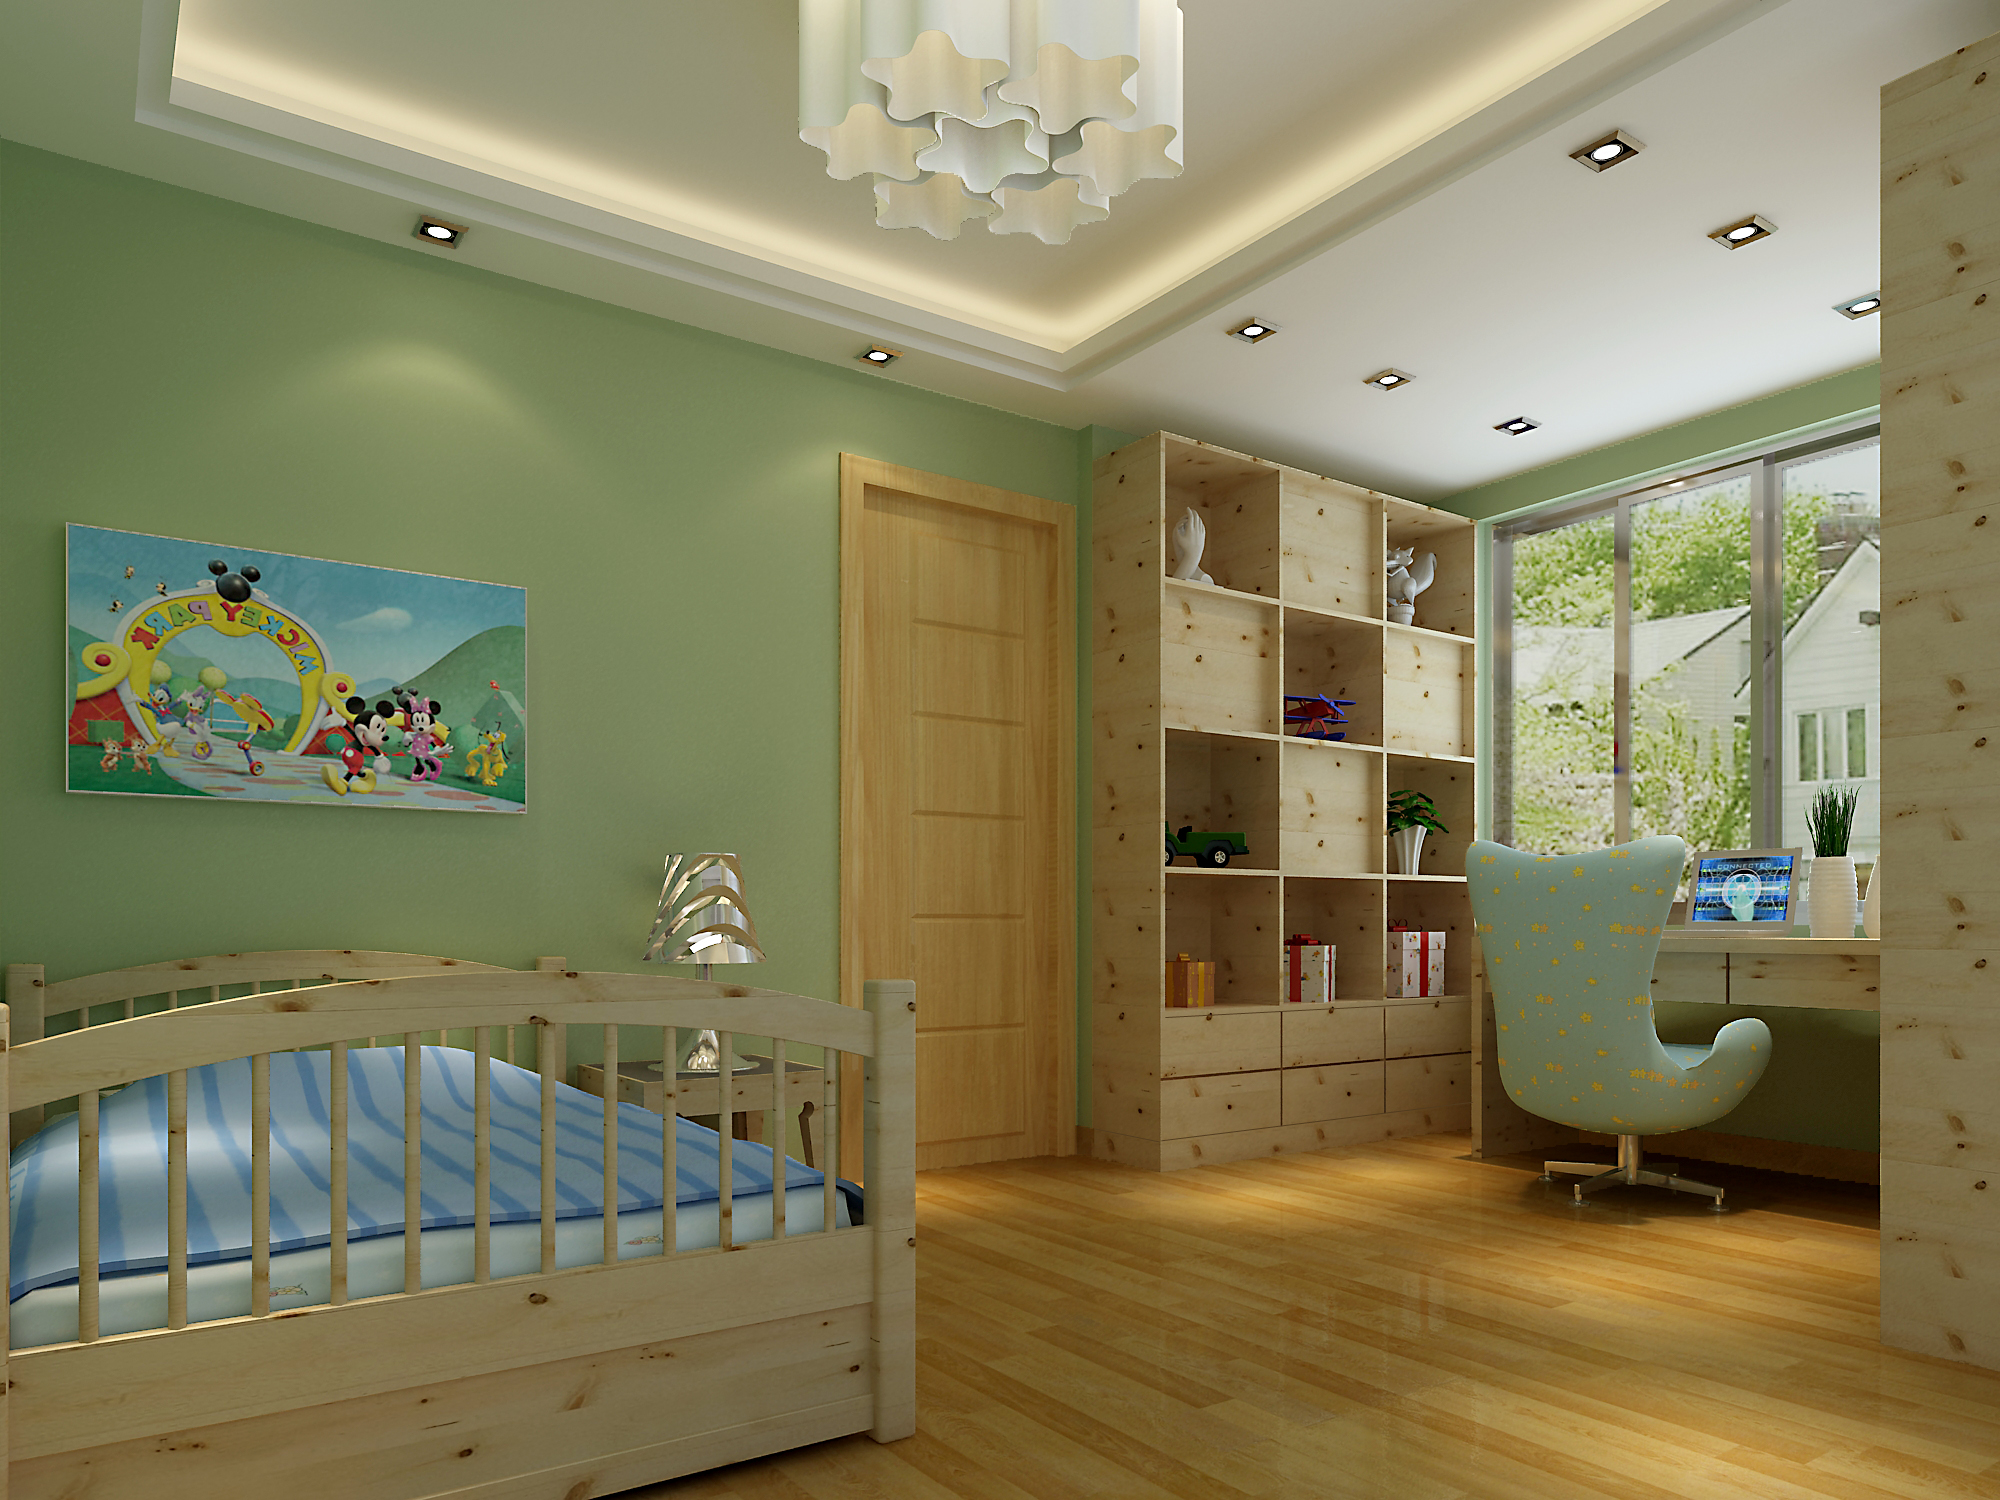 儿童房装修设计解析,给孩子最好的家!